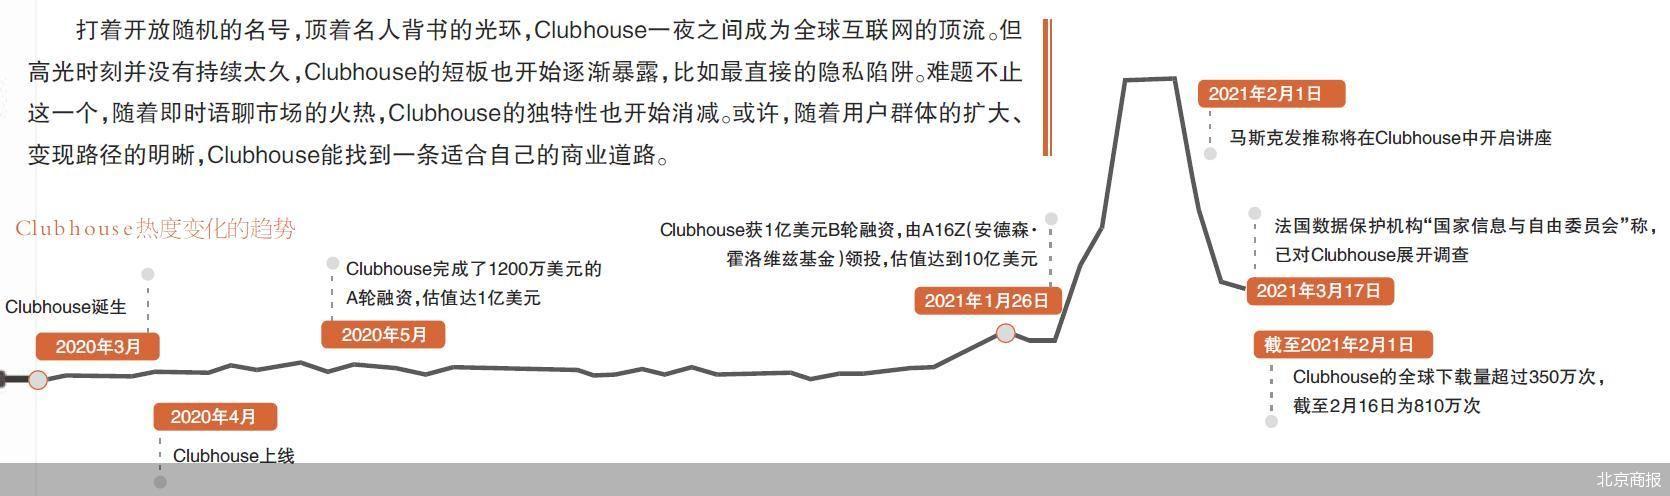 即时语聊市场火热,Clubhouse的独特性开始消减